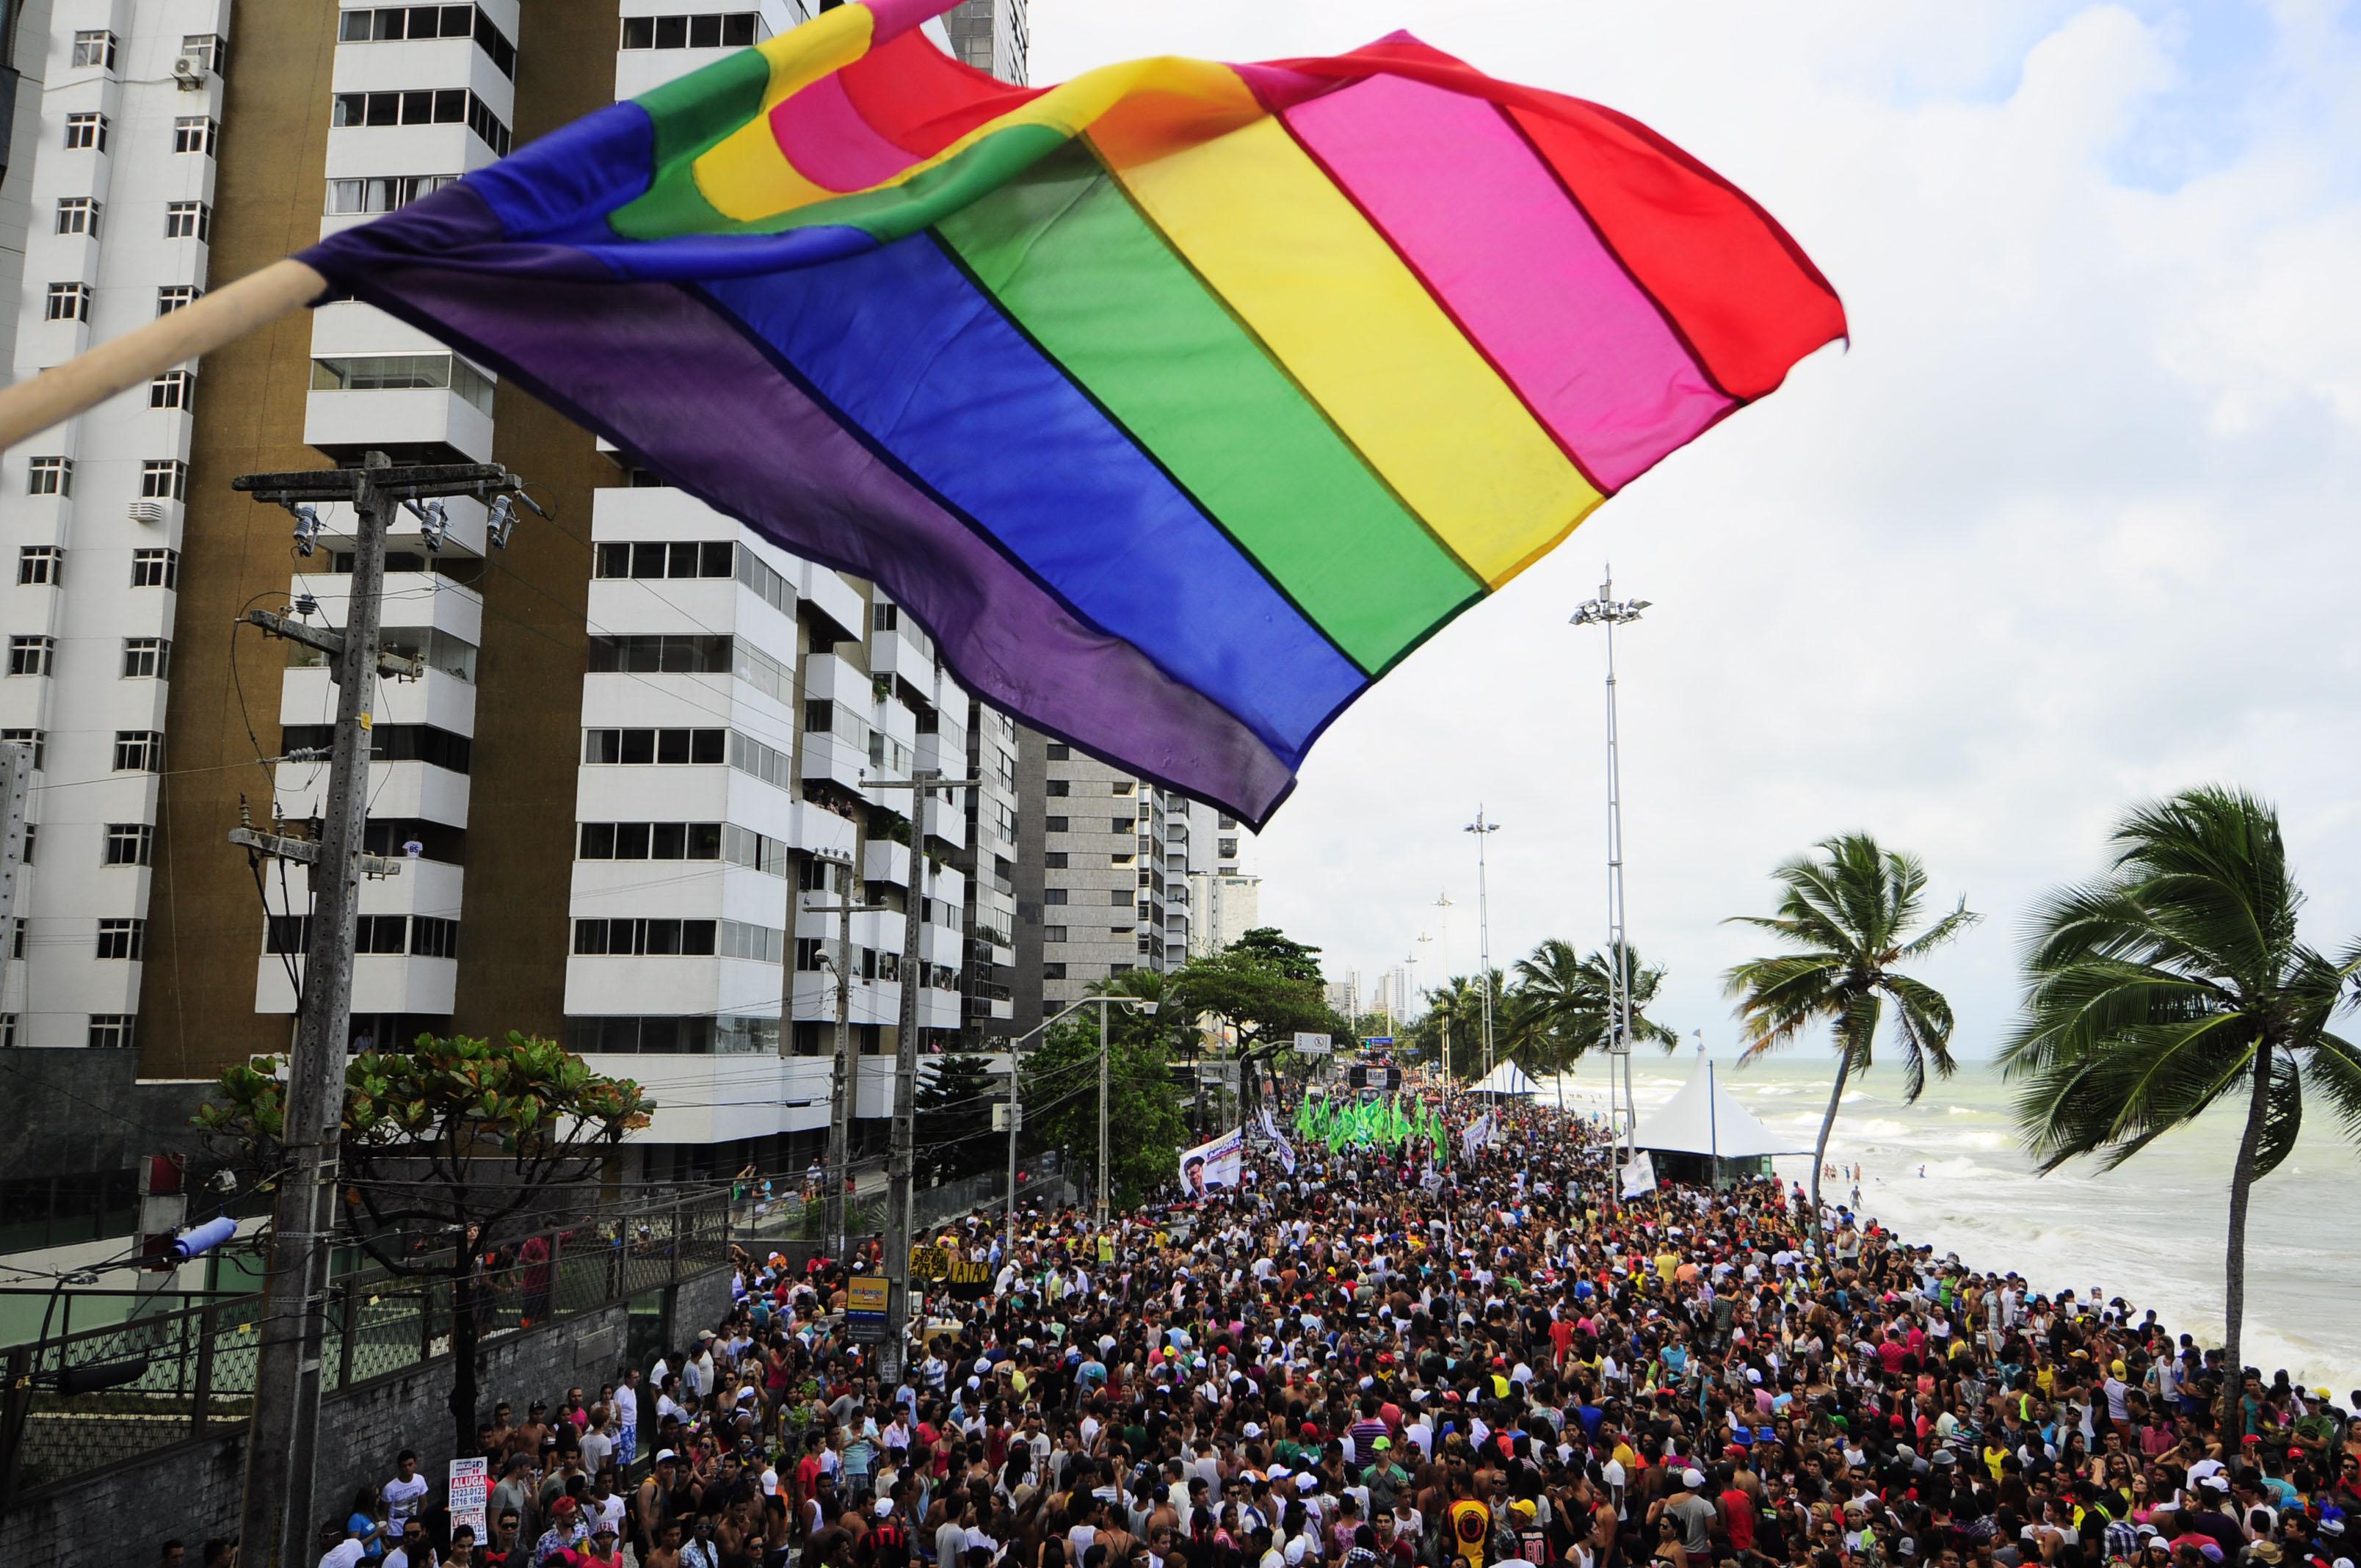 Foto: Blenda Souto Maior/DP/D.A Press